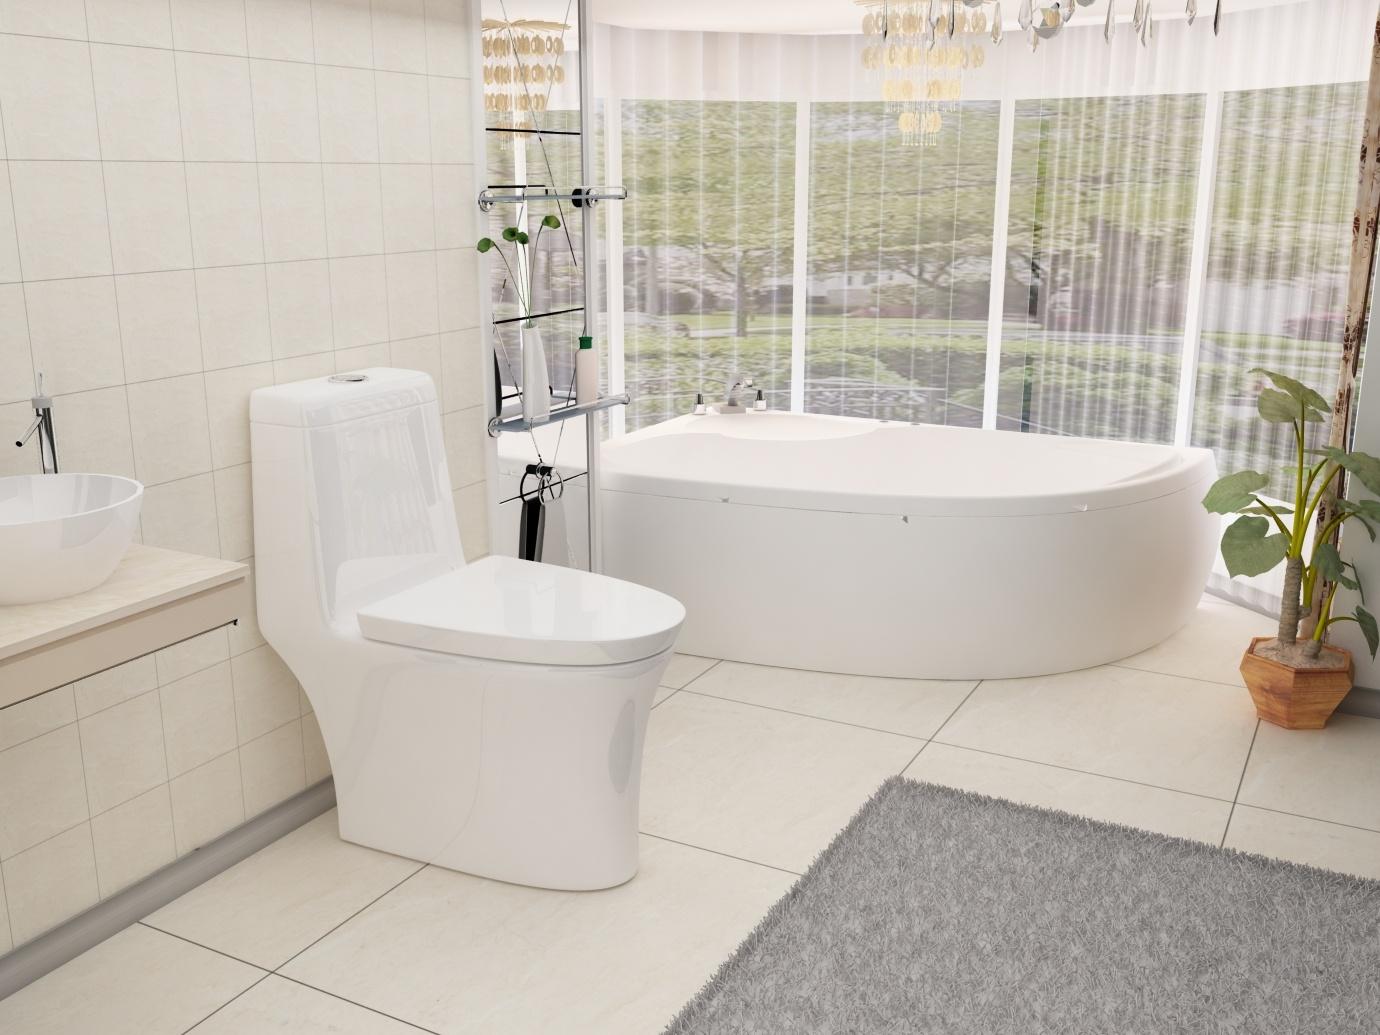 卫浴效果图|空间|室内设计|叫我小胖莹 - 原创作品